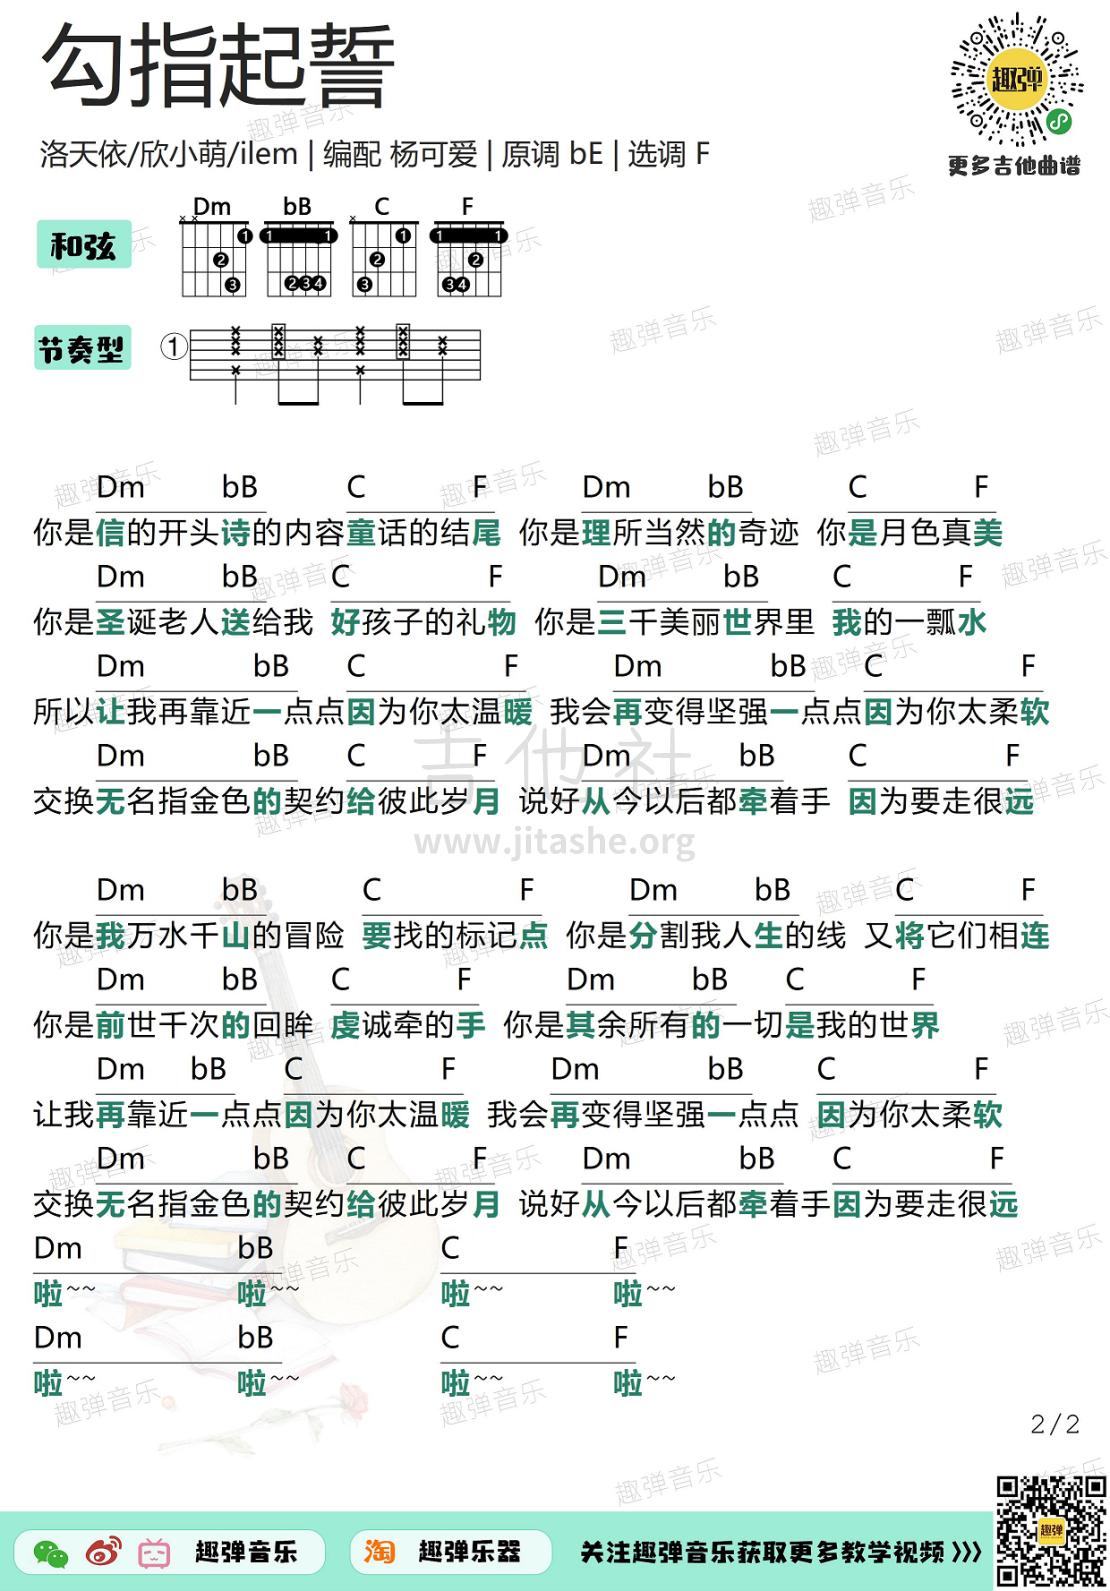 勾指起誓(高清F调和弦谱)吉他谱(图片谱,弹唱,吉他,和弦谱)_群星(Various Artists)_勾指起誓22.jpg